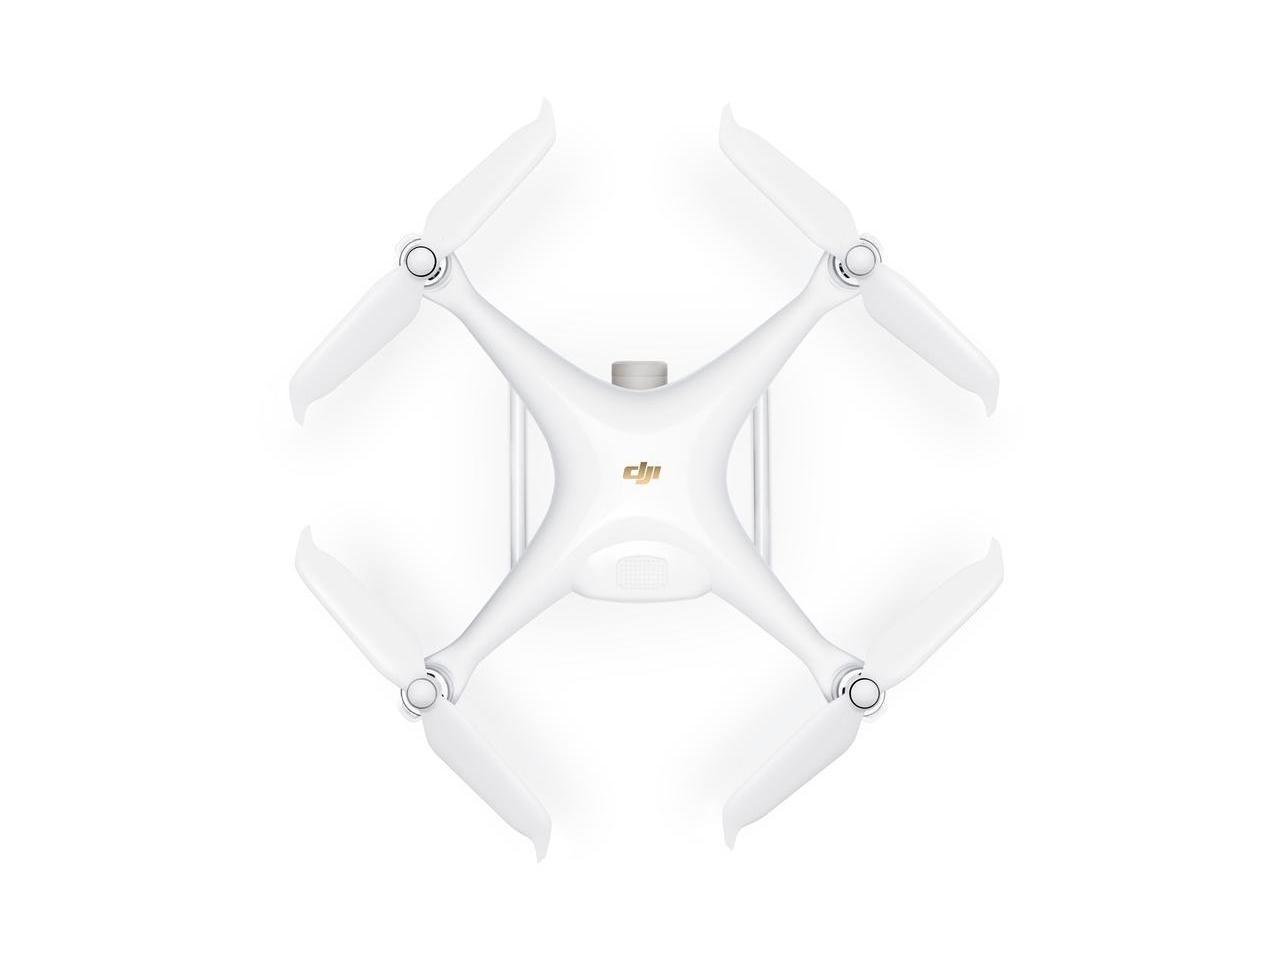 Dji Phantom 4 Pro V2 0 Quadcopter Drone With 4k